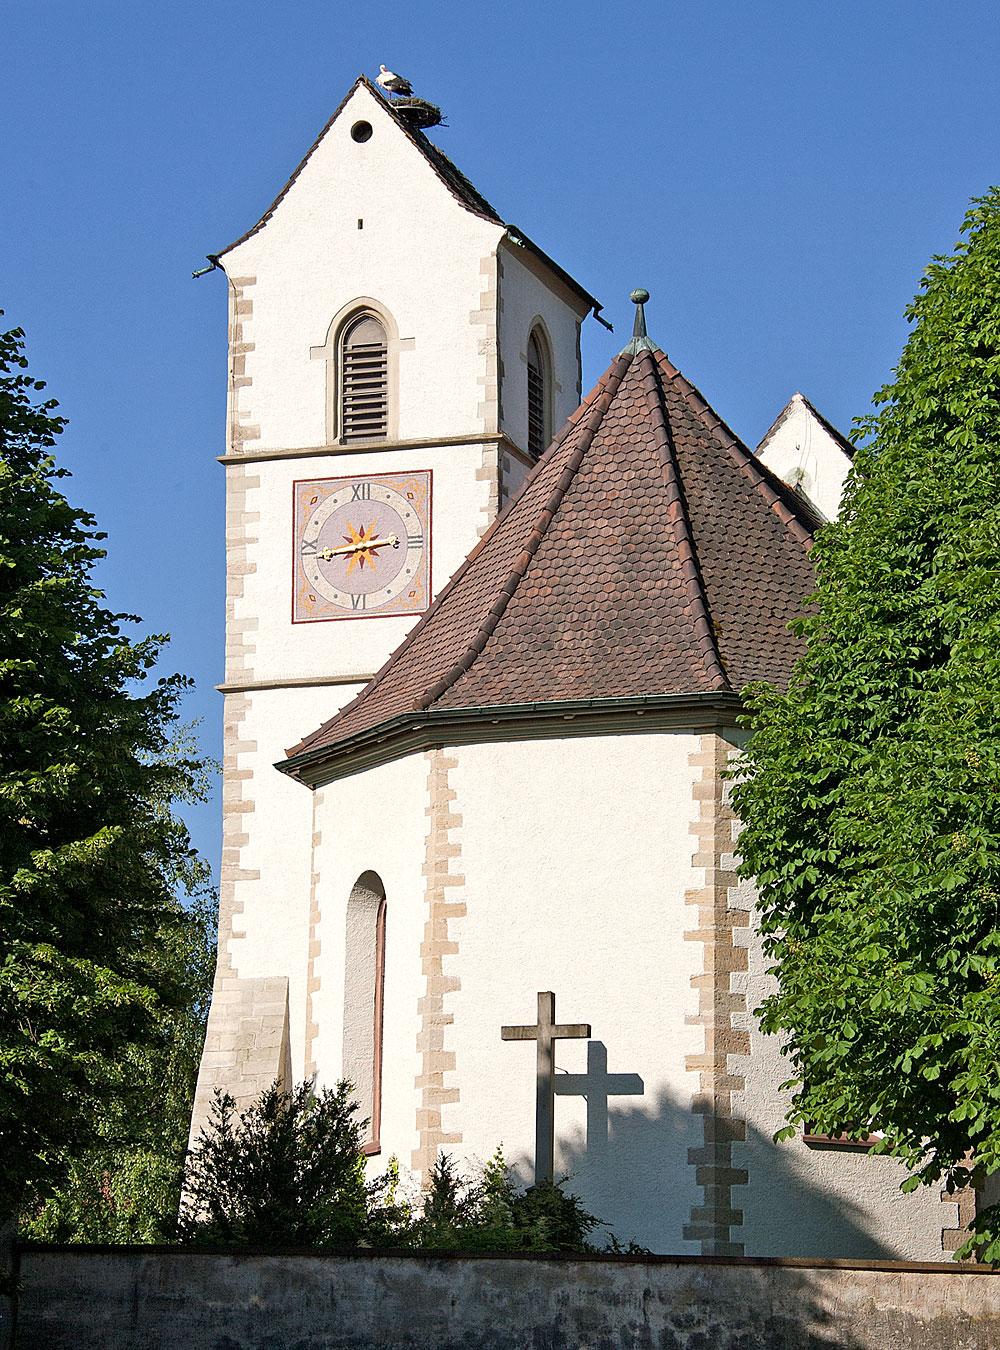 Außenansicht der Dorfkirche St. Peter und Paul in Allschwil